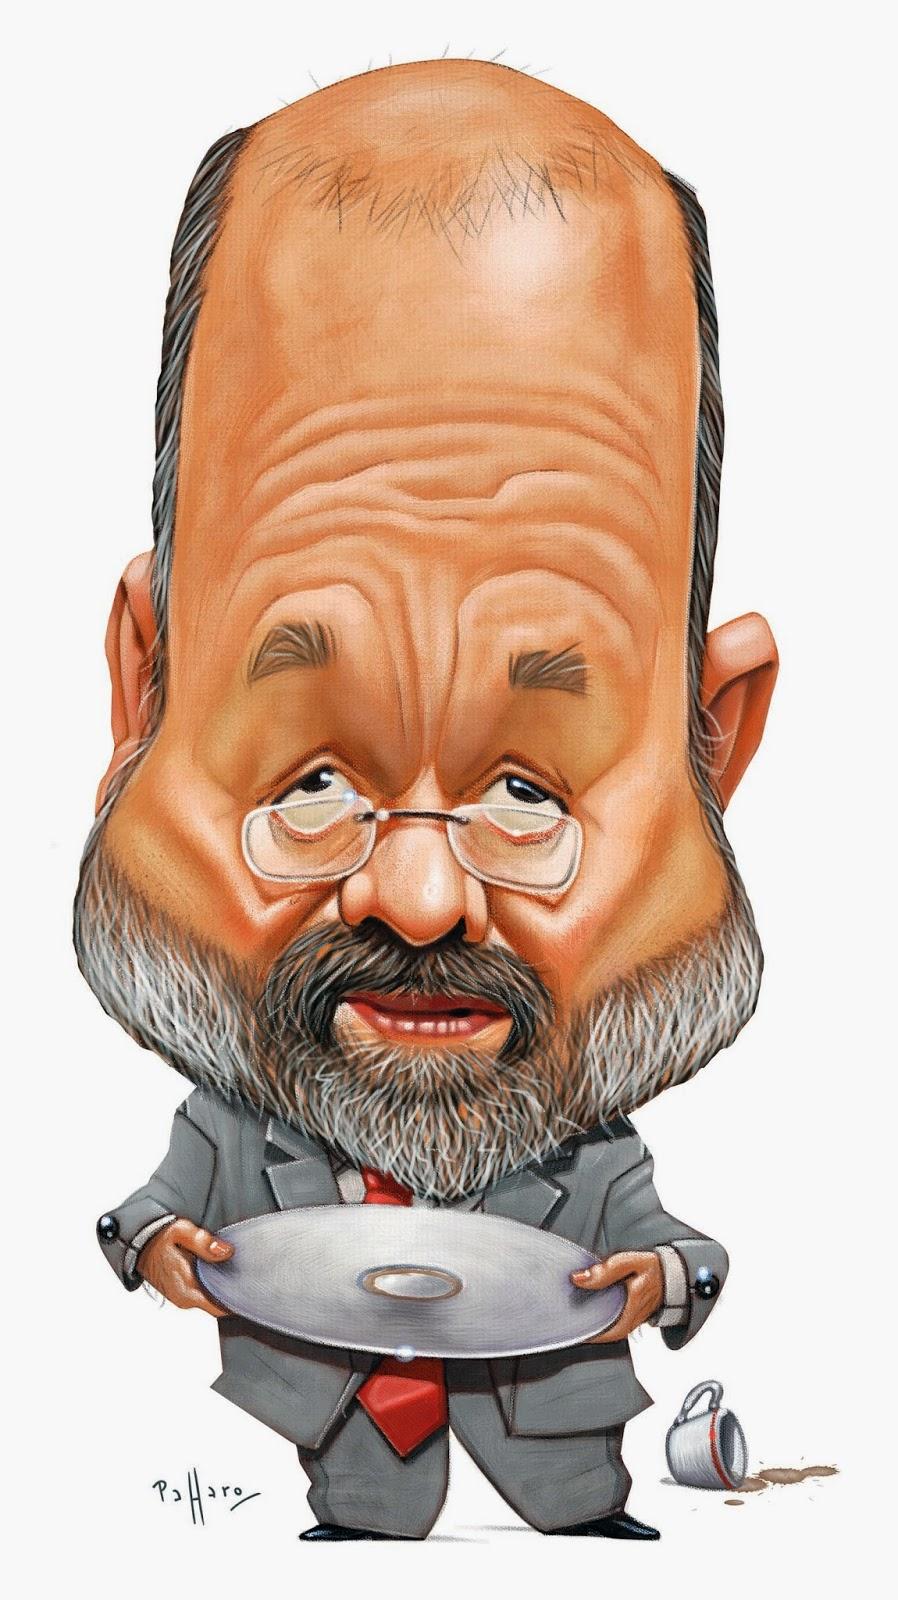 Tesoureiro do PT diz que conhece diretores corruptos da Petrobras mas nunca os viu